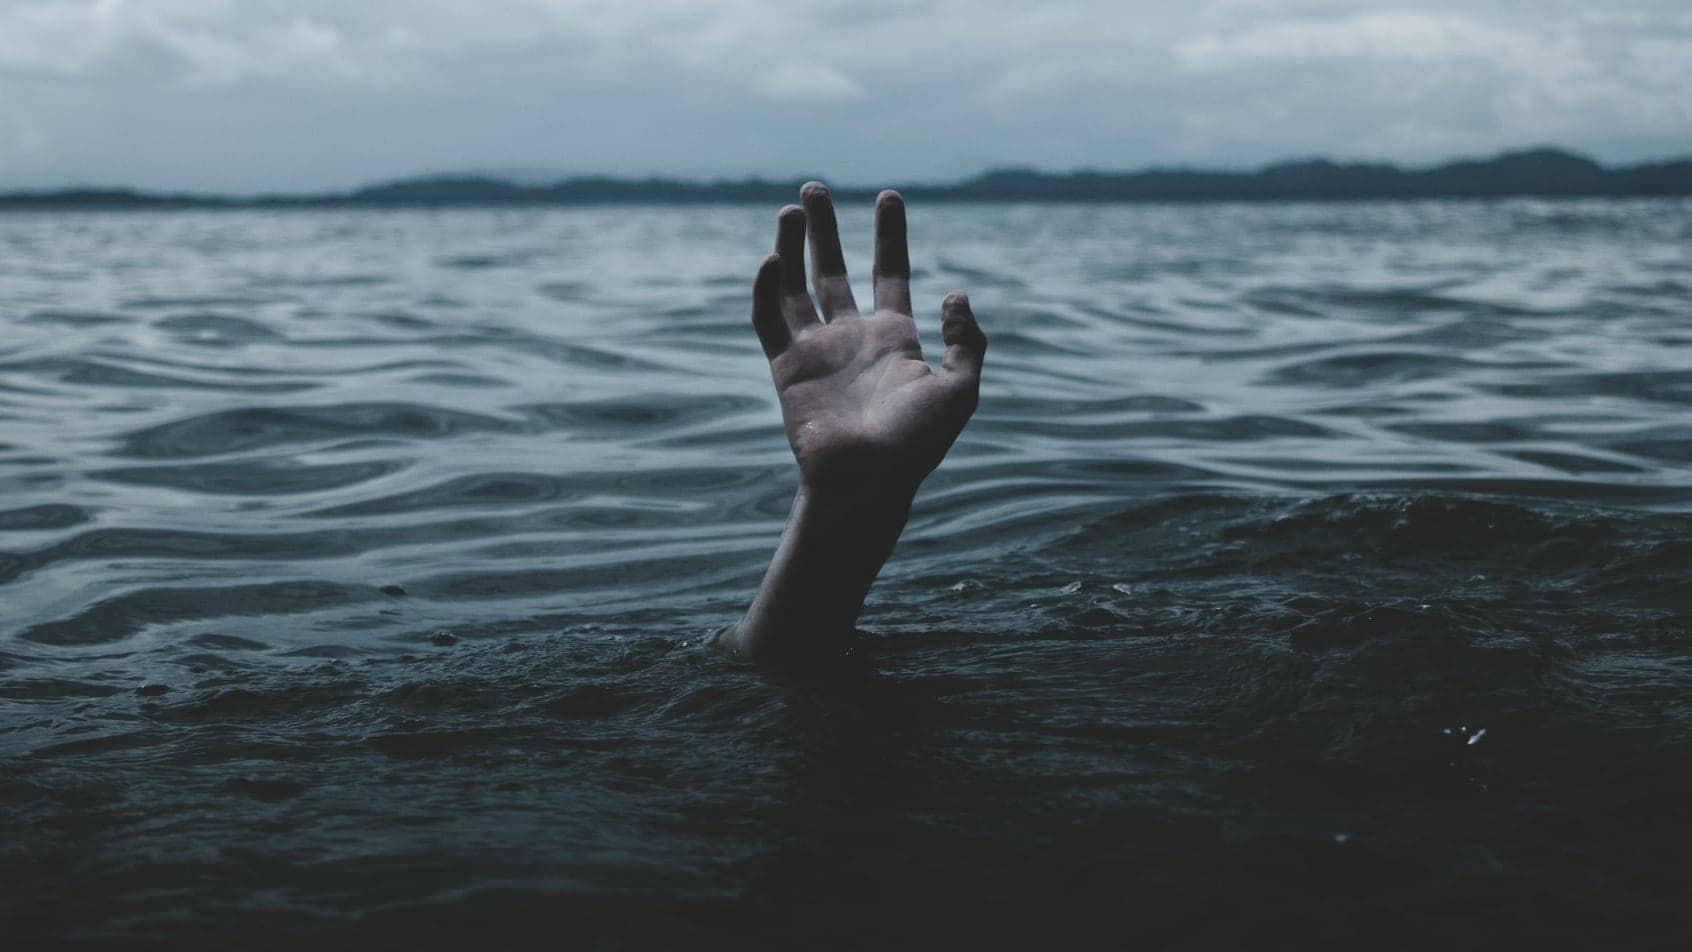 Ertrinken? Hand ragt aus dem Wasser